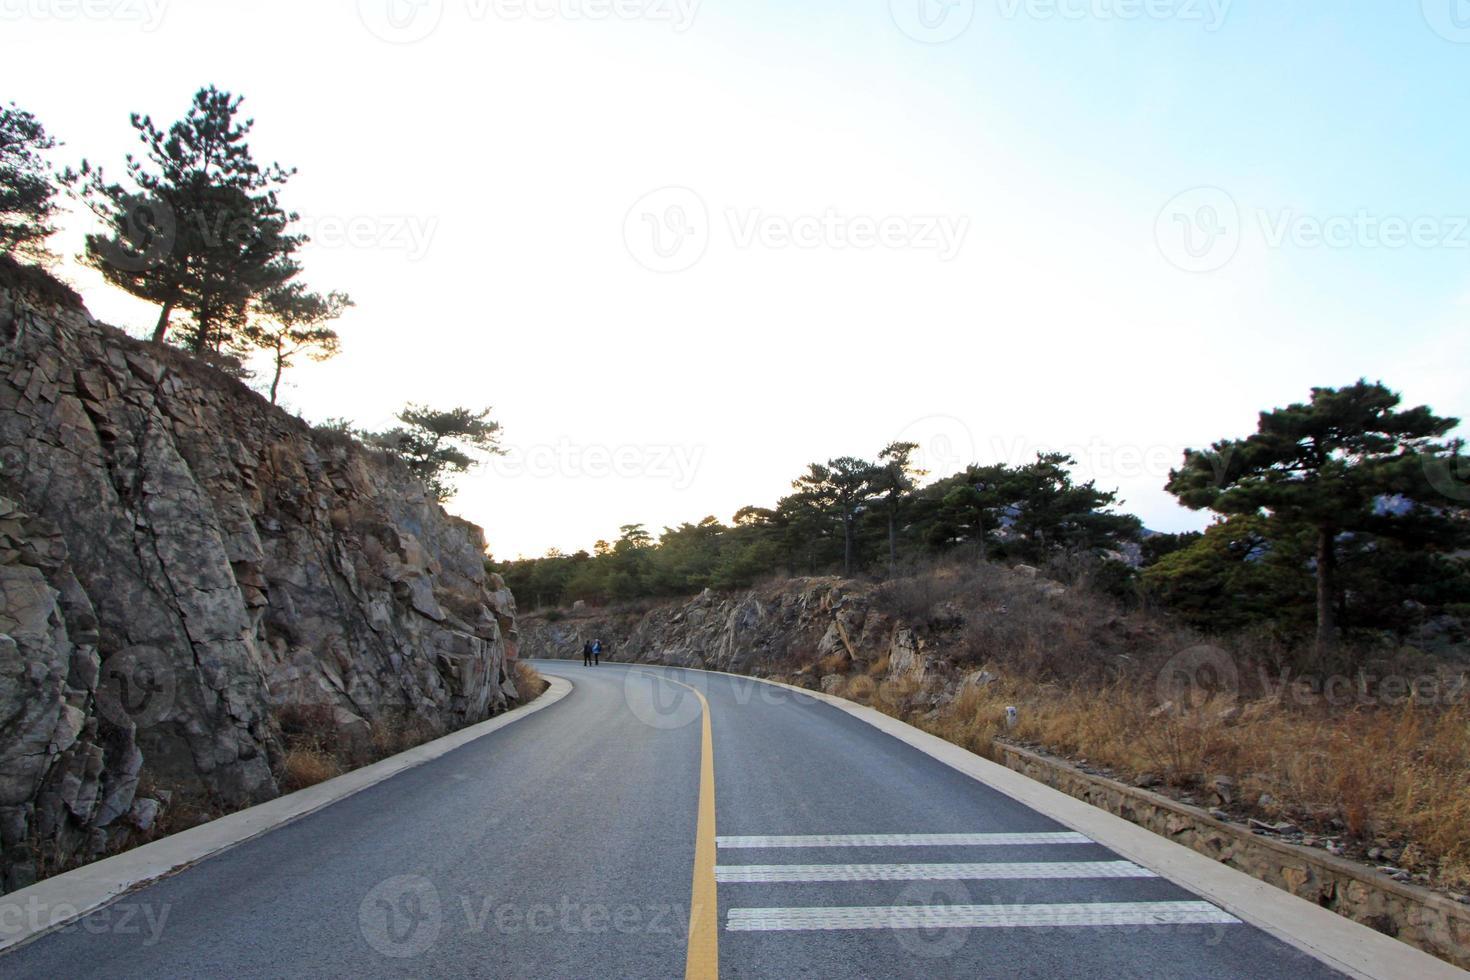 curva da rodovia em área montanhosa foto